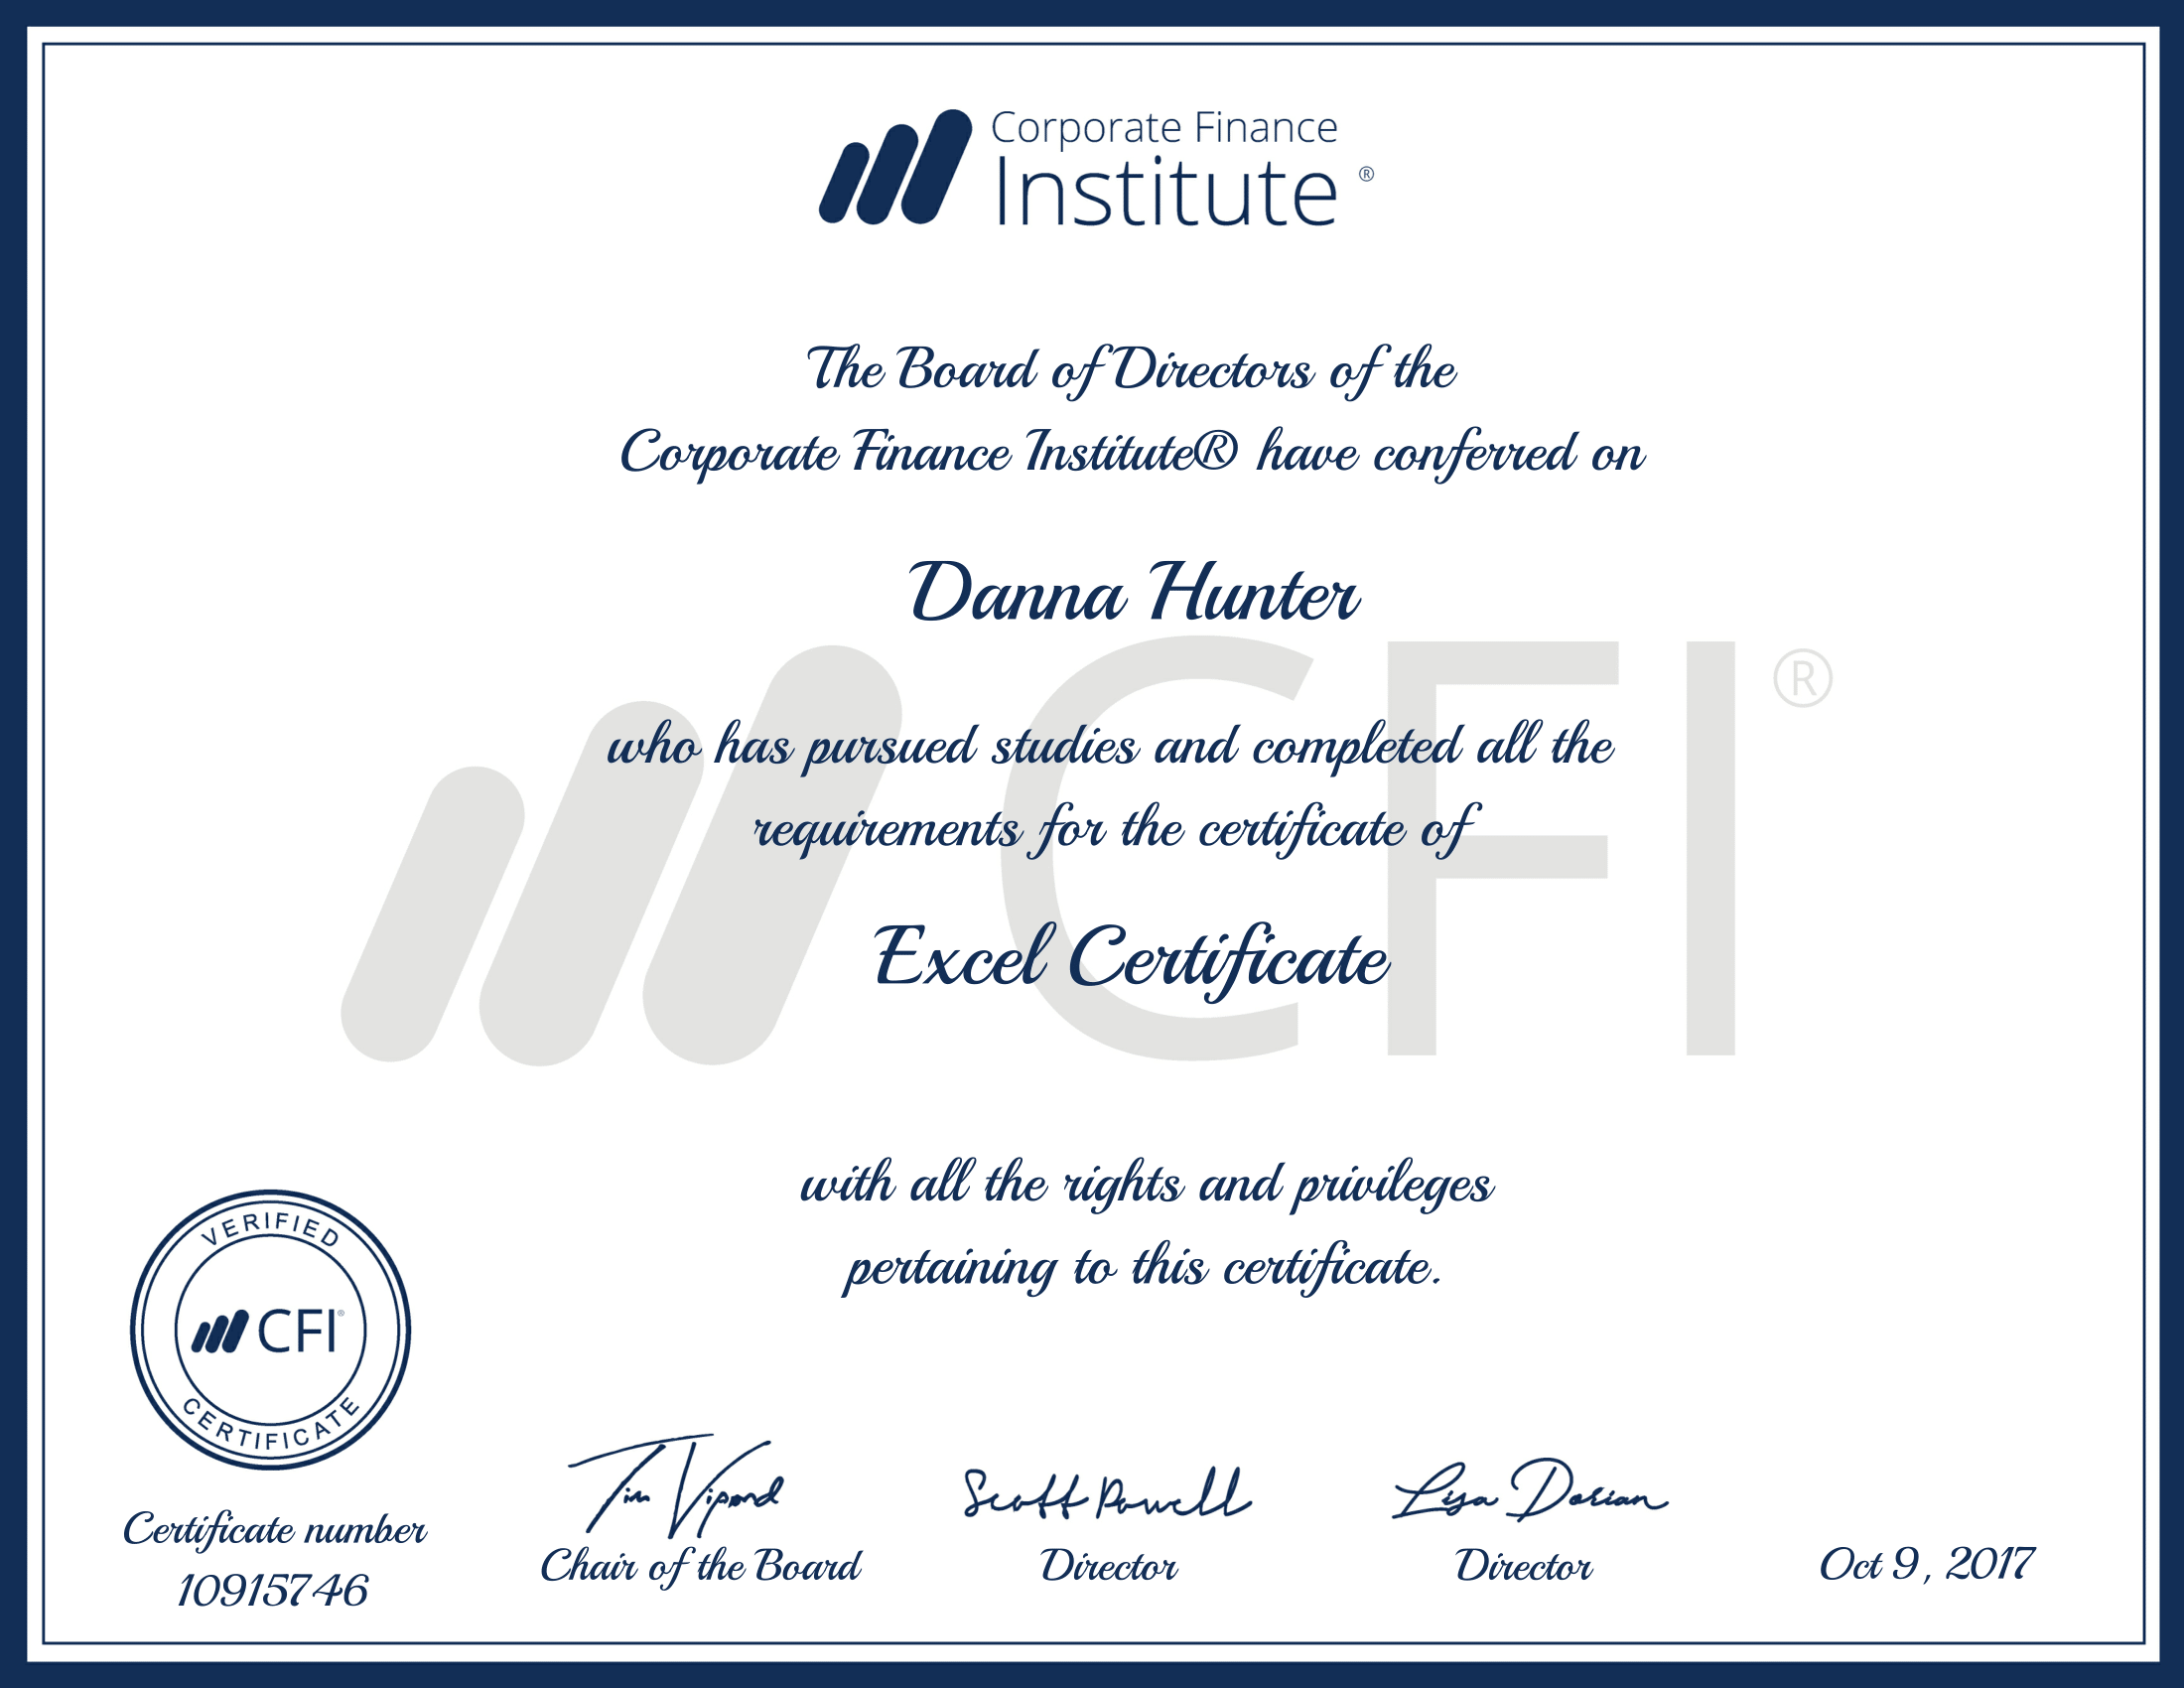 excel certificate